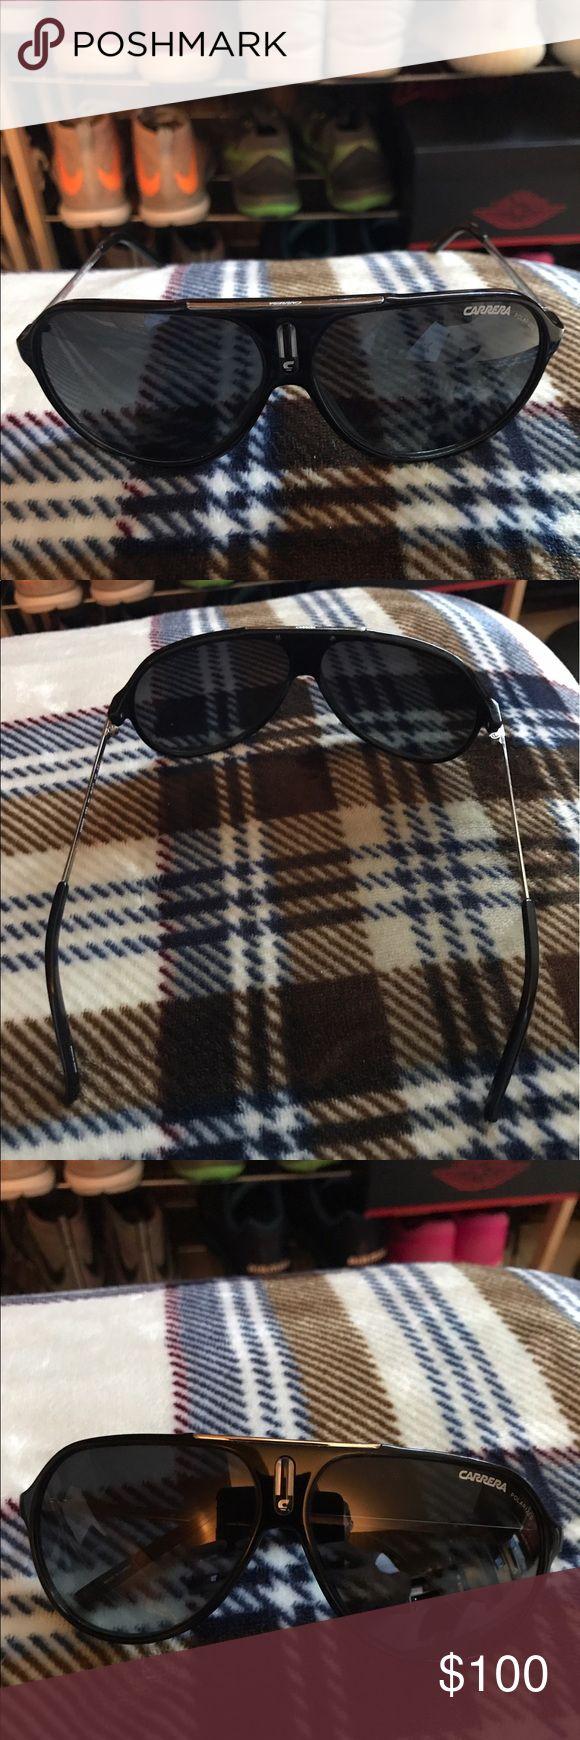 Carrera sunglasses. Unisex Carrera sunglasses. Excellent condition. No scratches. The arms are metal. Carrera Accessories Sunglasses